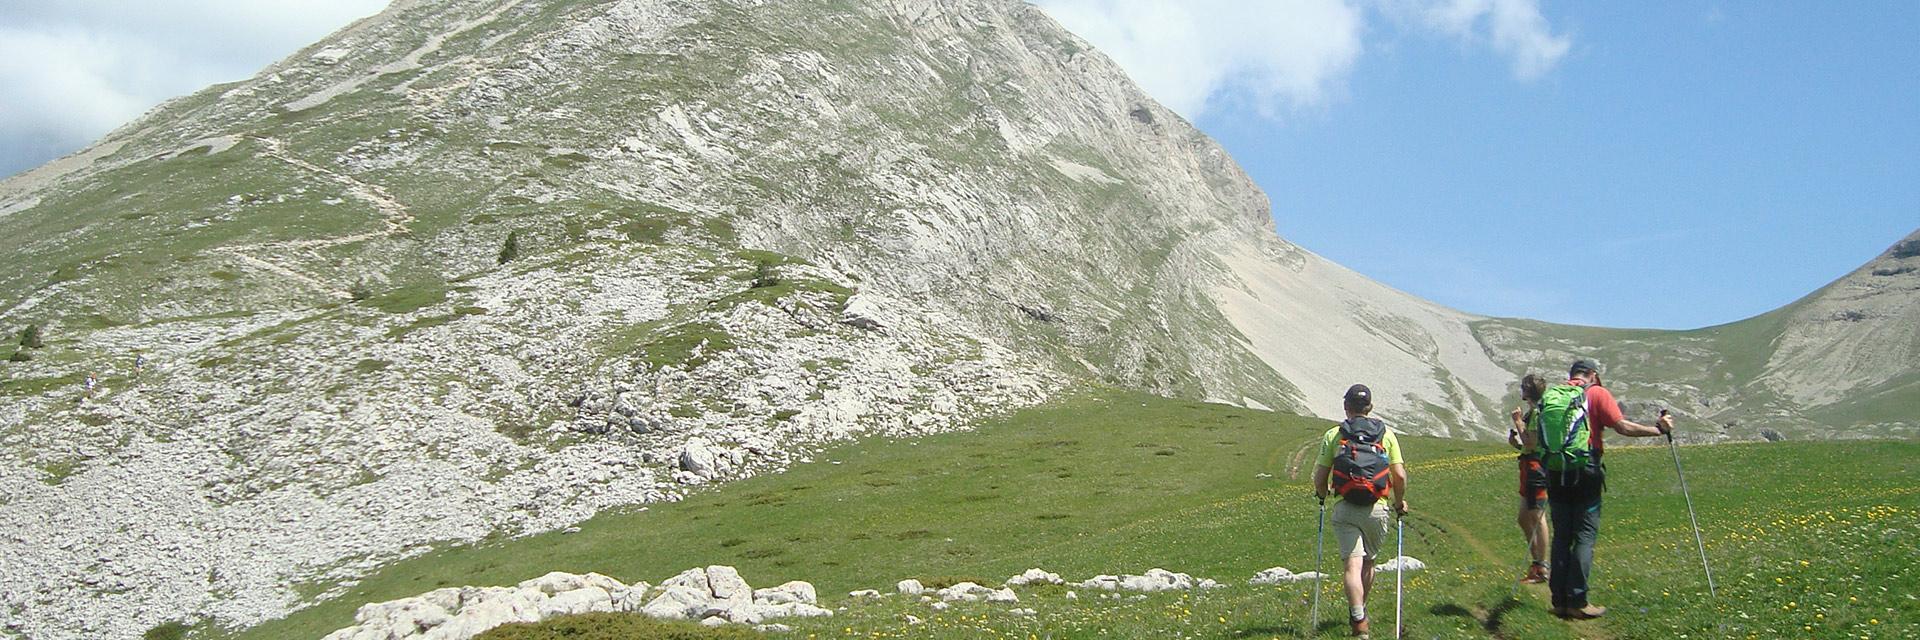 Randonnée Vercors Sud - Le Piroulet